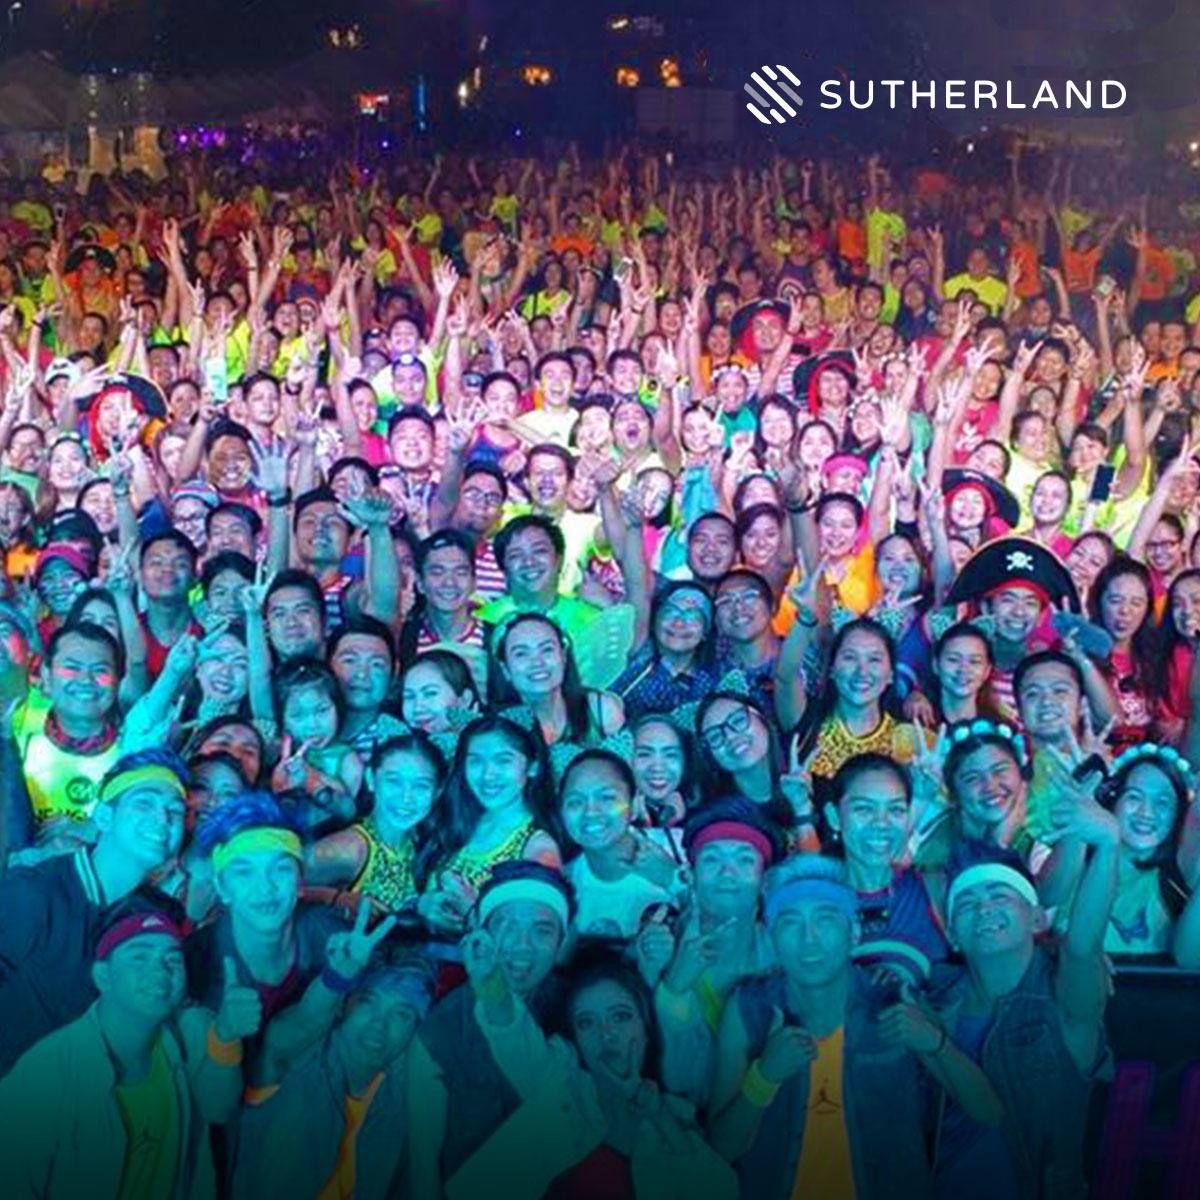 Sutherland photo 5